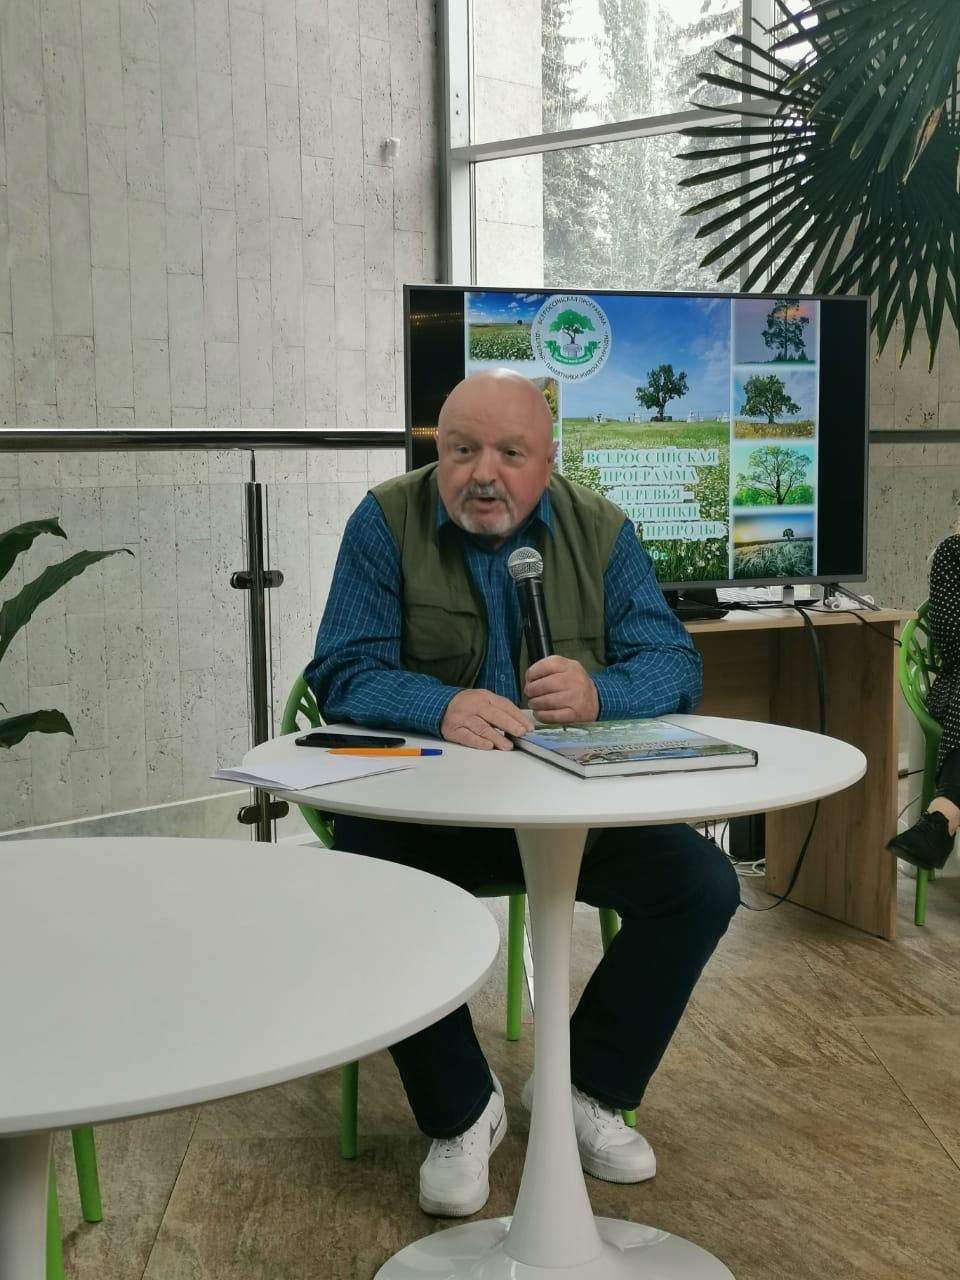 МШУД ЗДОРОВЫЙ ЛЕС обучает регионы современным технологиям контроля состояния и ухода за деревьями на территории города